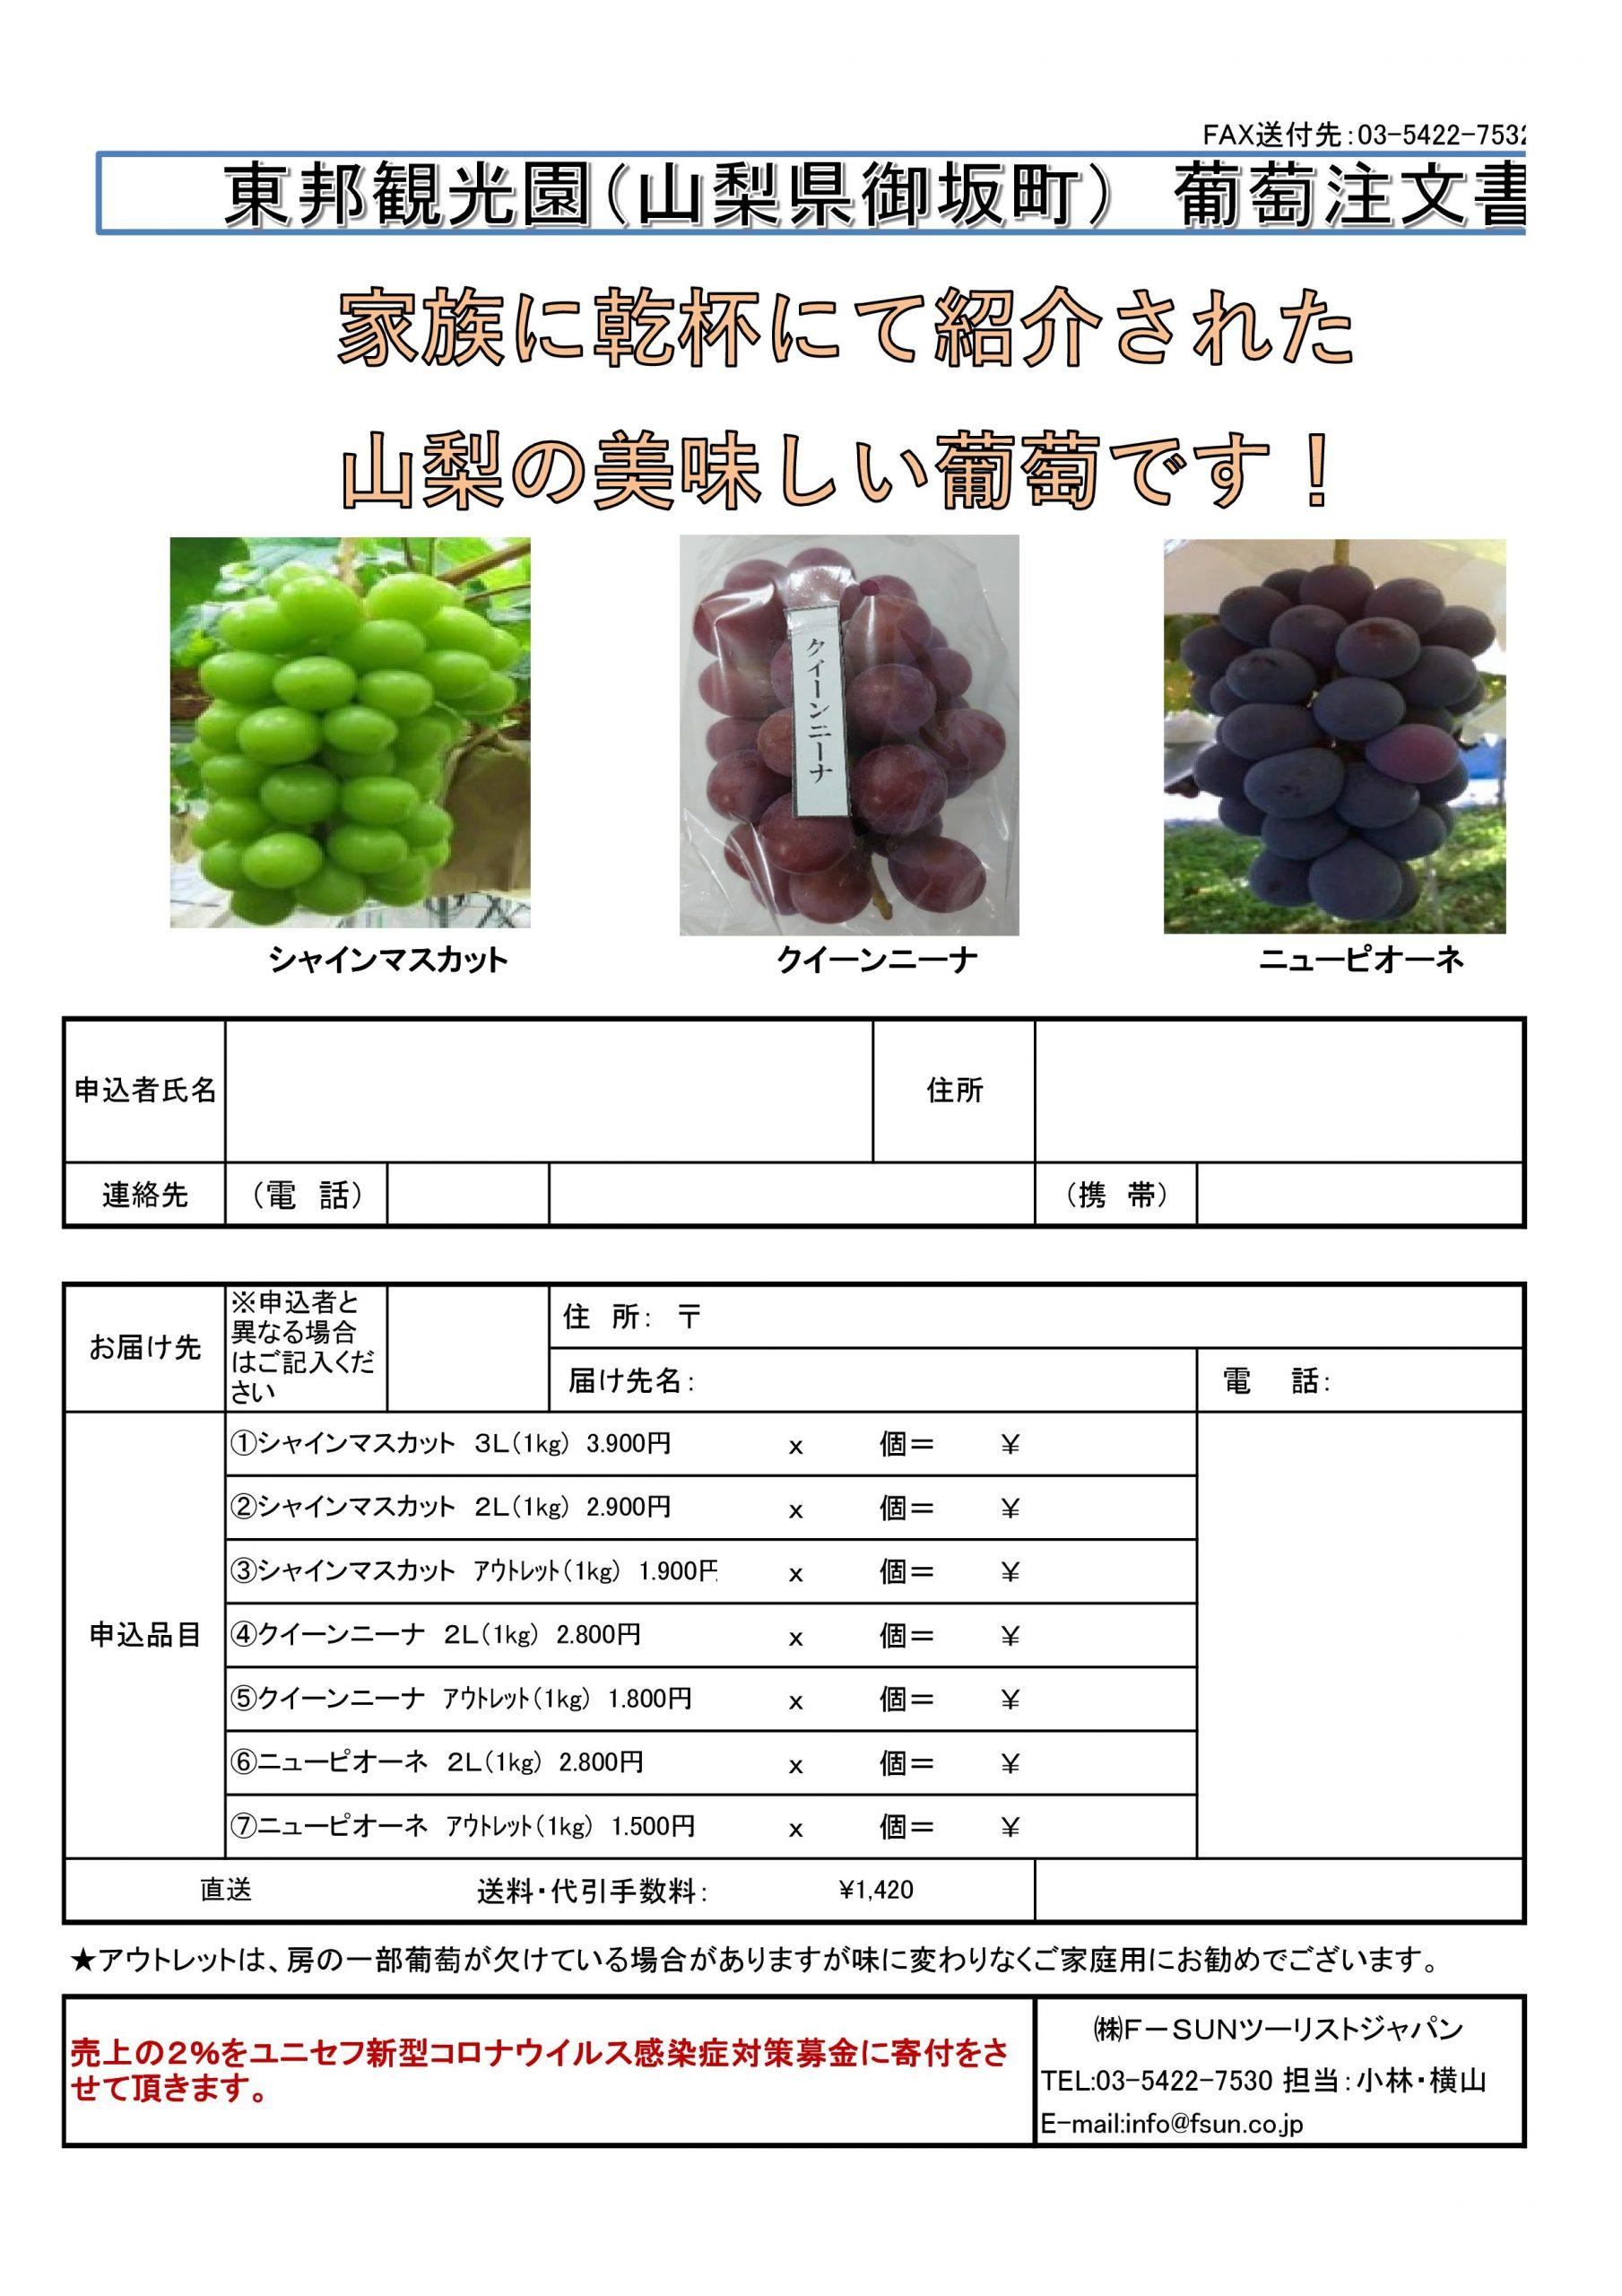 山梨の美味しい葡萄は如何でしょうか!